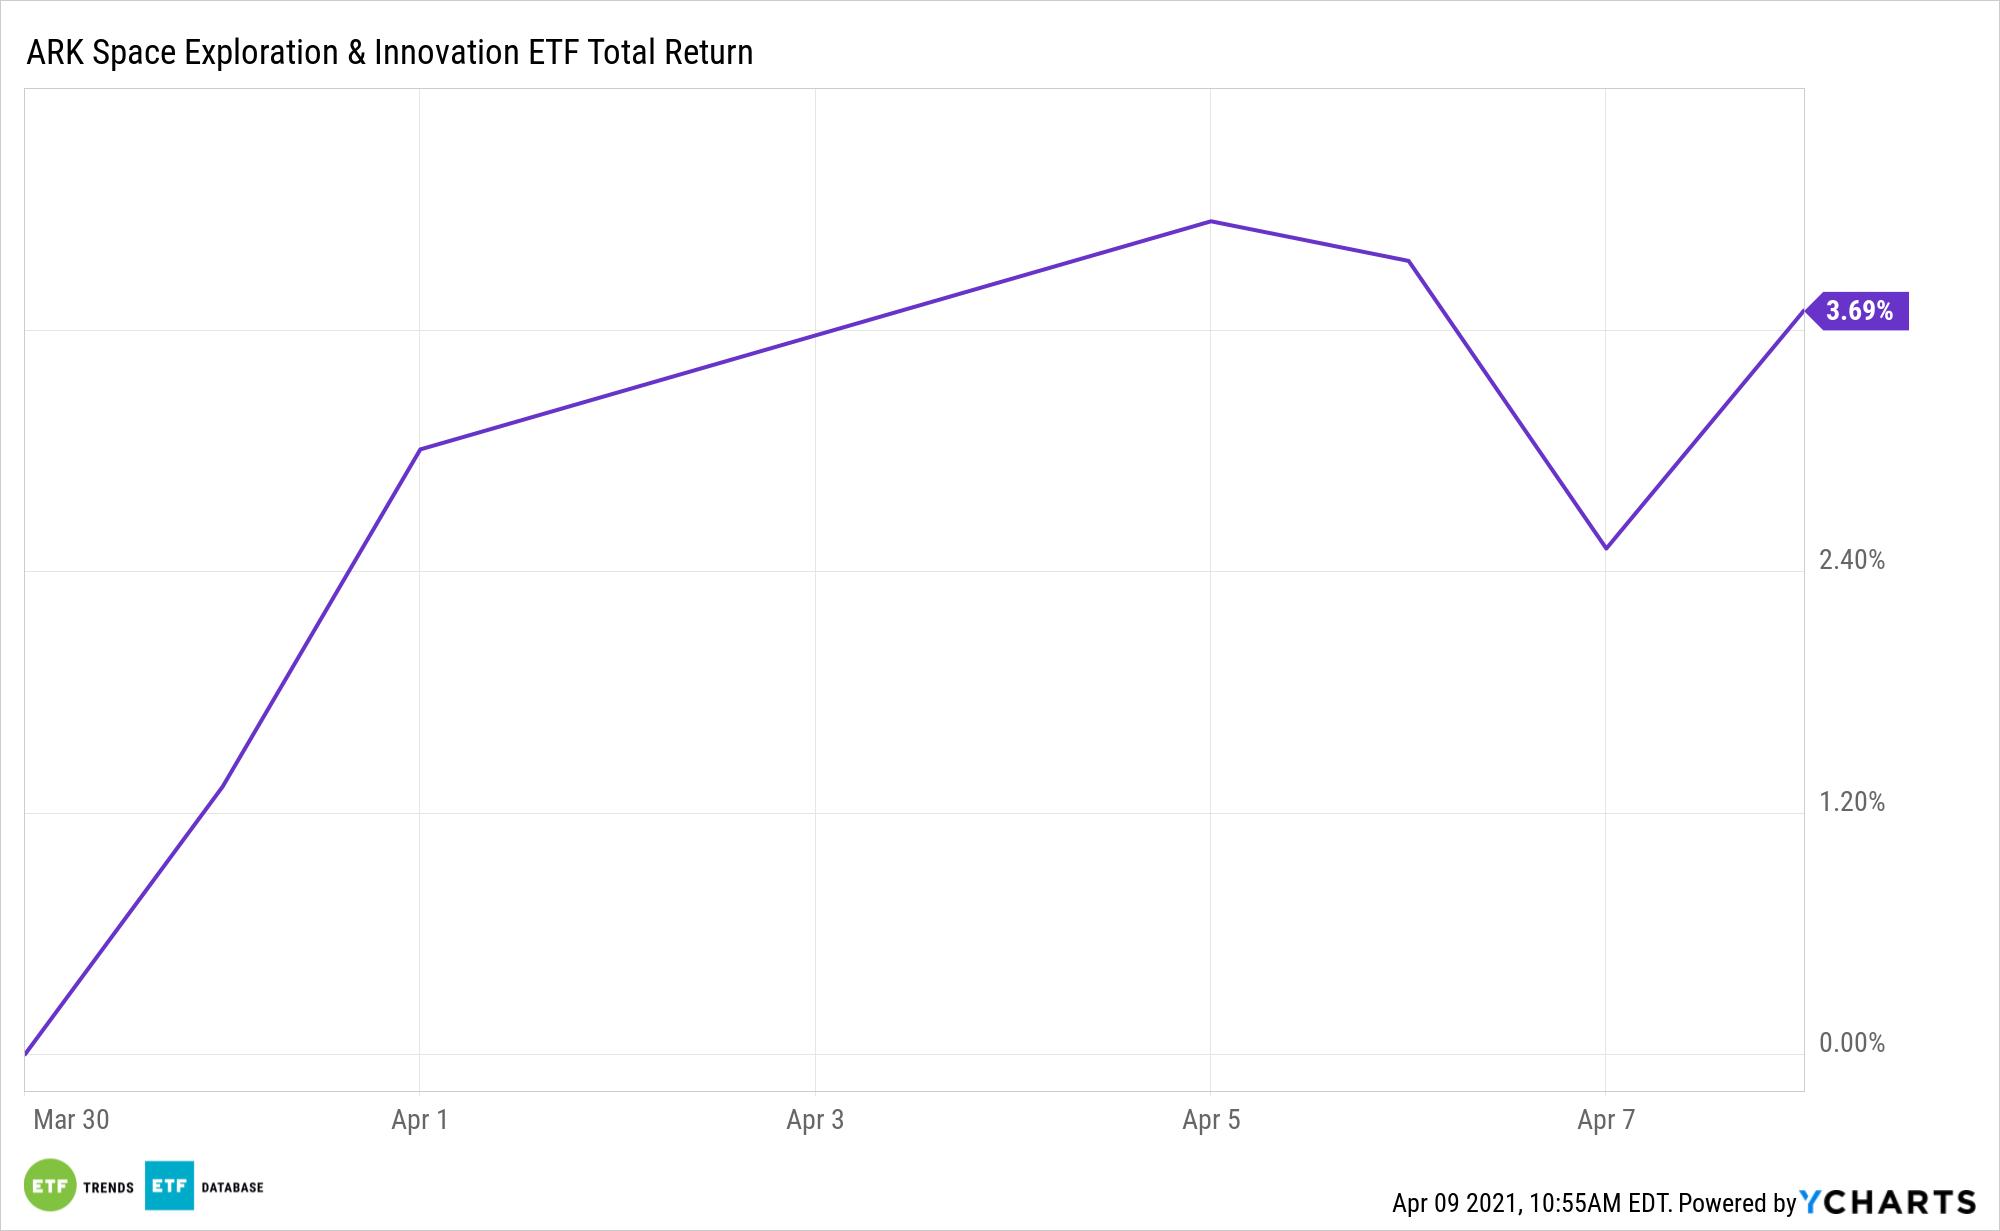 ARKX ETF Total Return